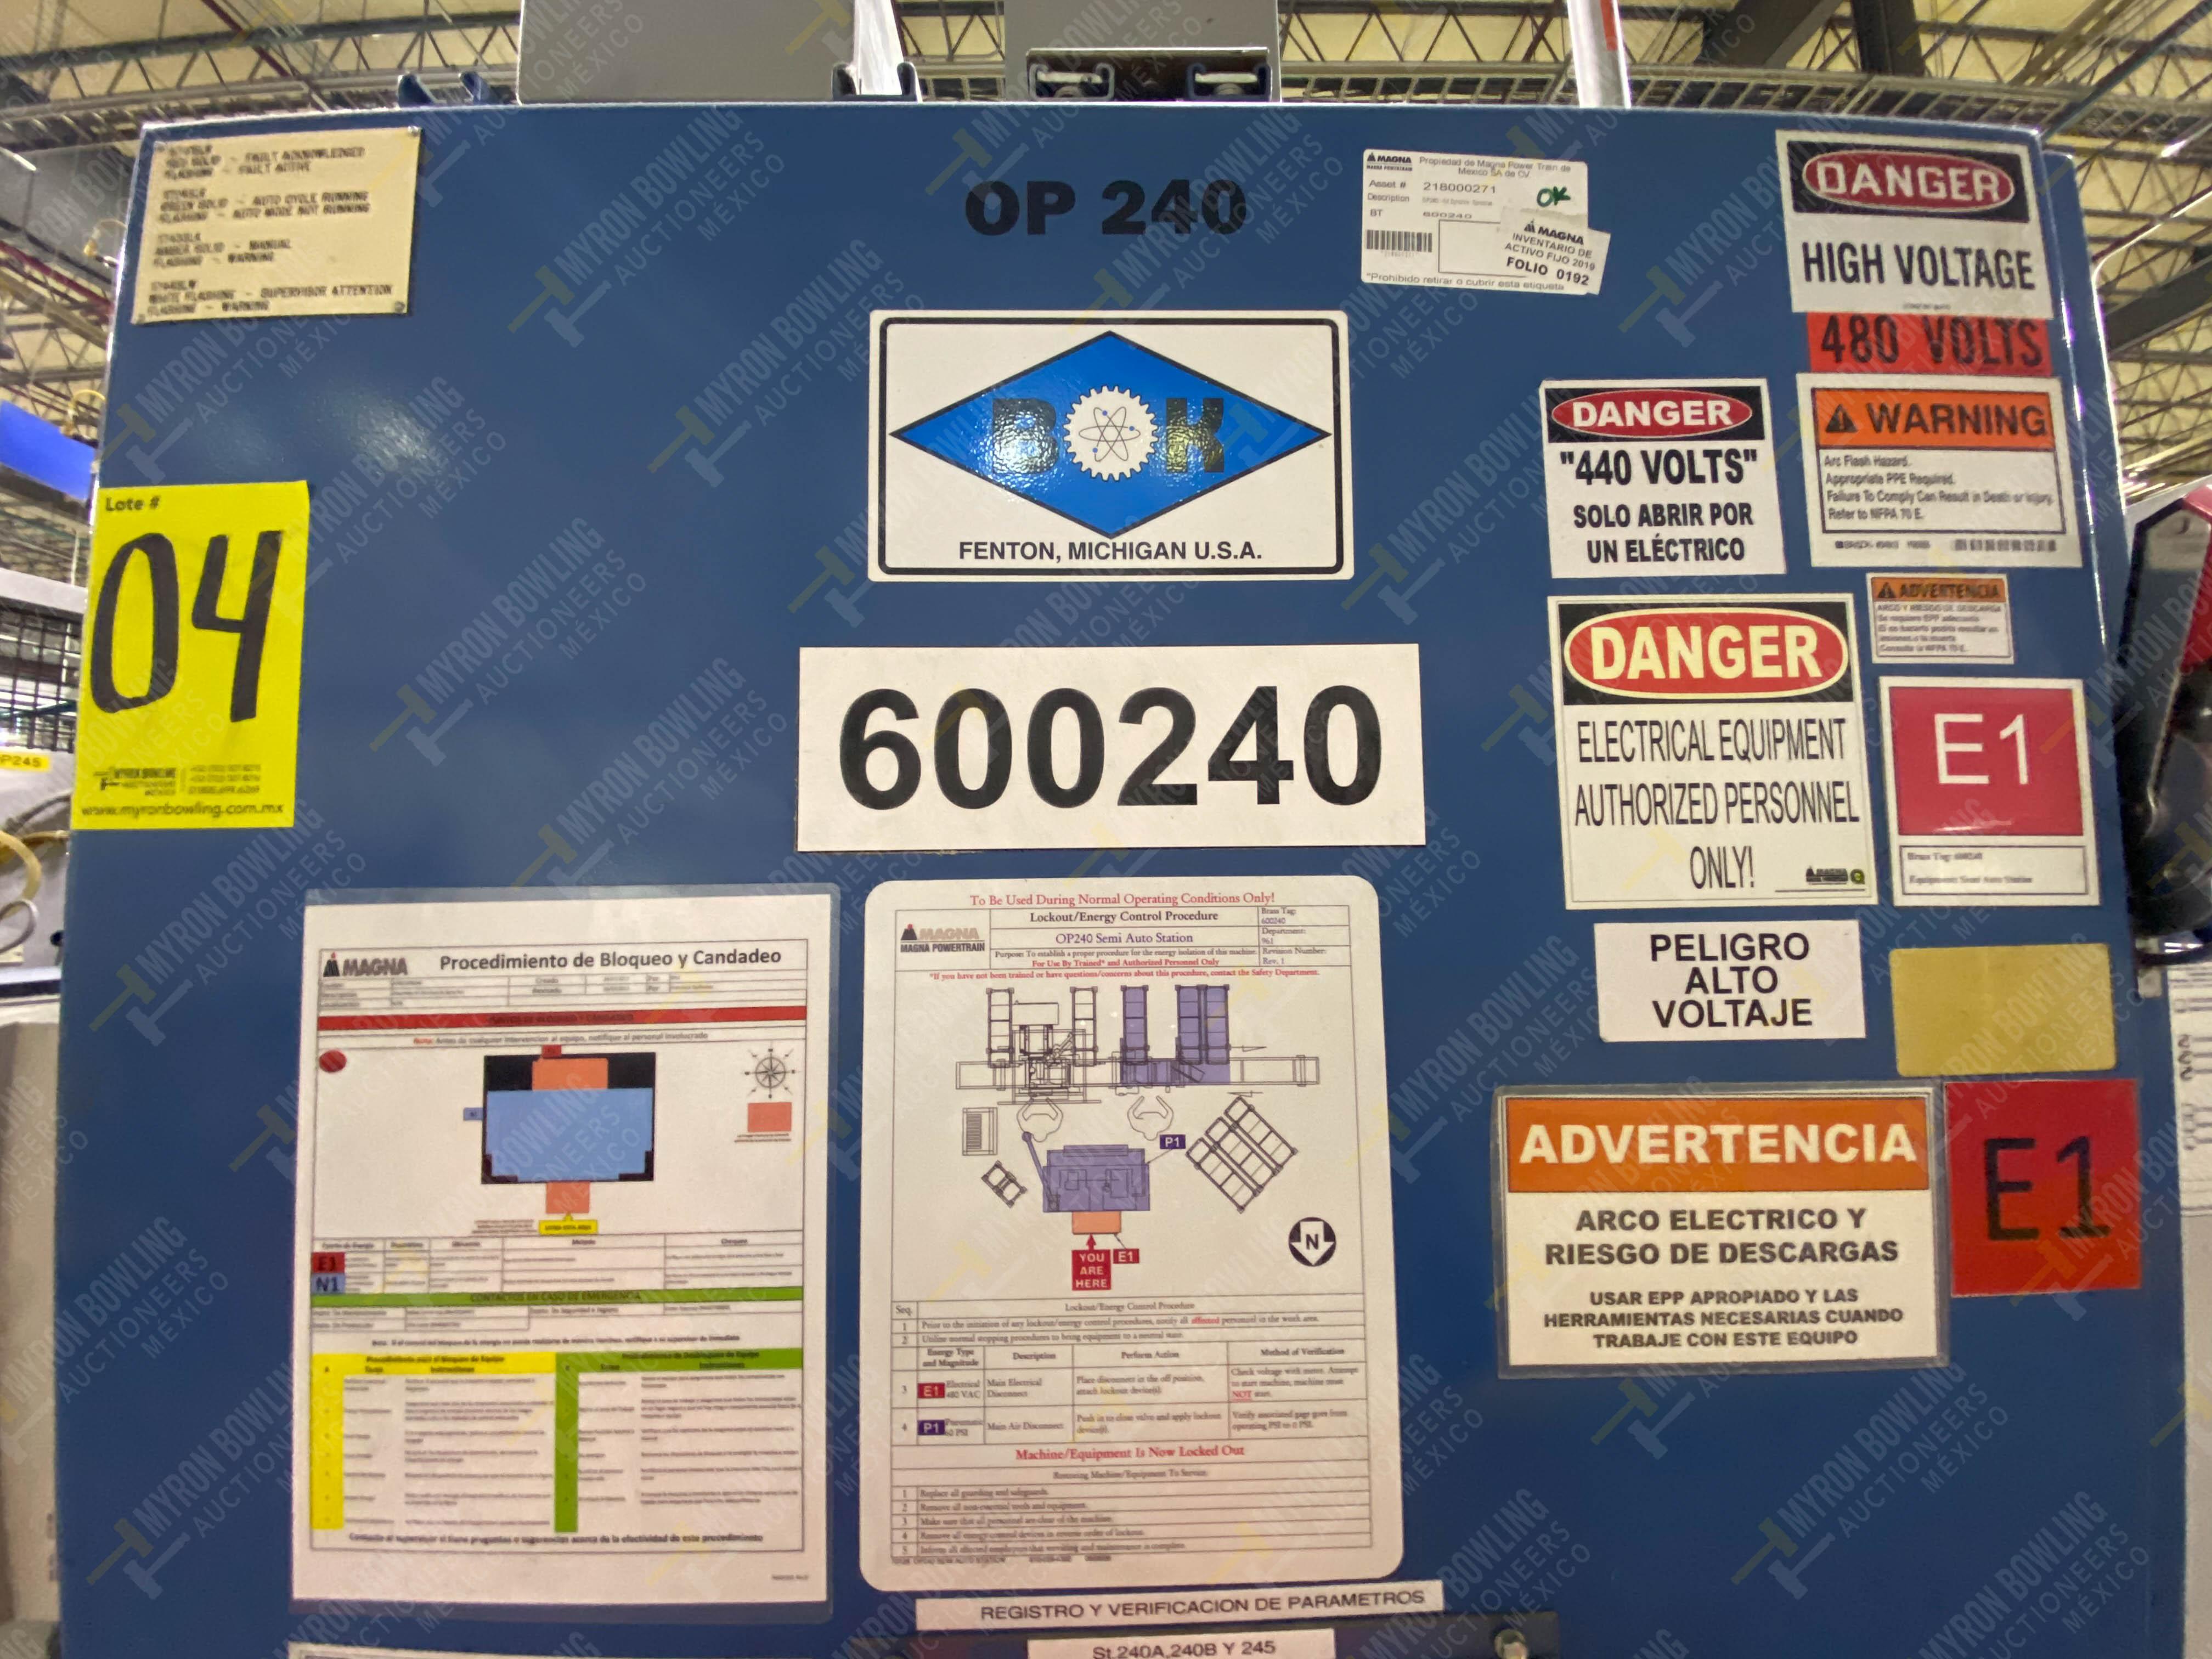 Estación semiautomática para operación 240A de ensamble de balero - Image 24 of 29